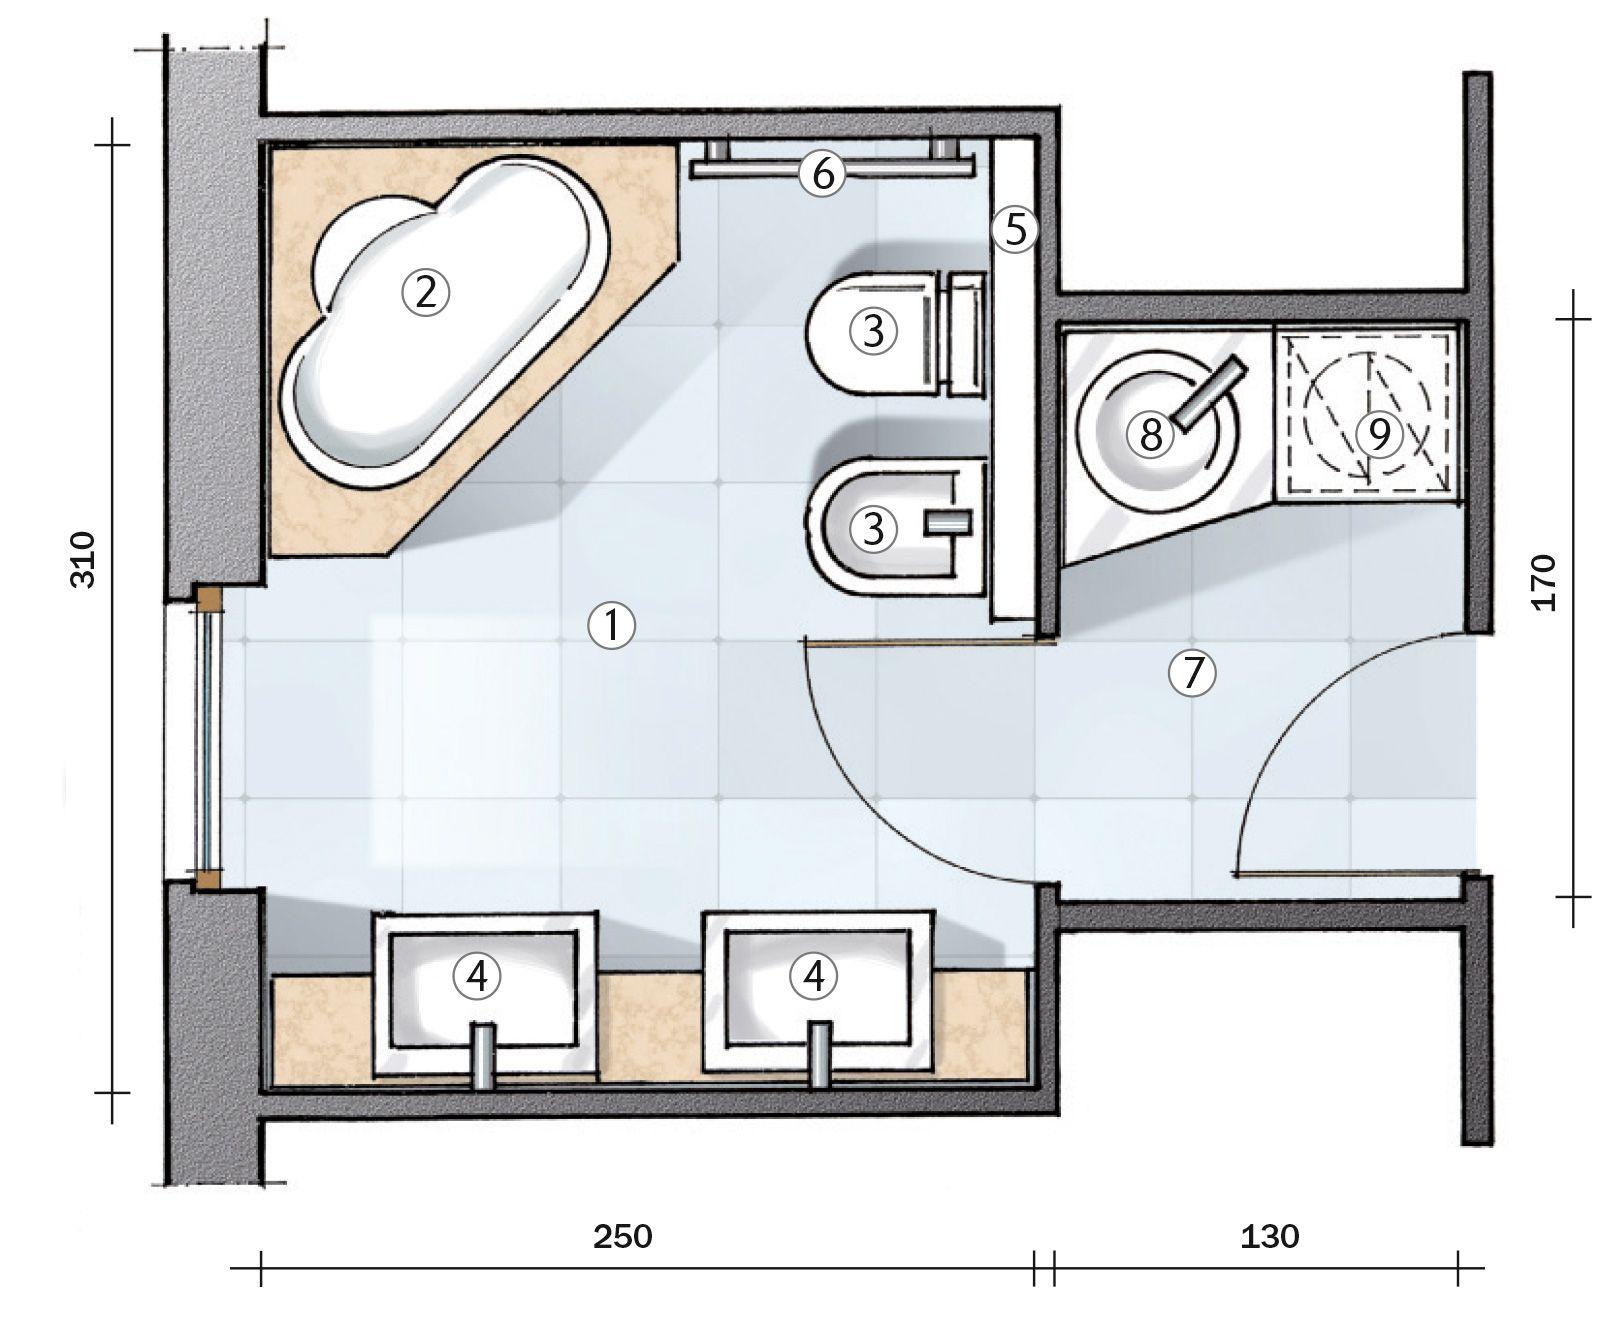 progetto bagno piccolo con lavatrice - Cerca con Google  Casa  Pinterest  Shabby chic ...